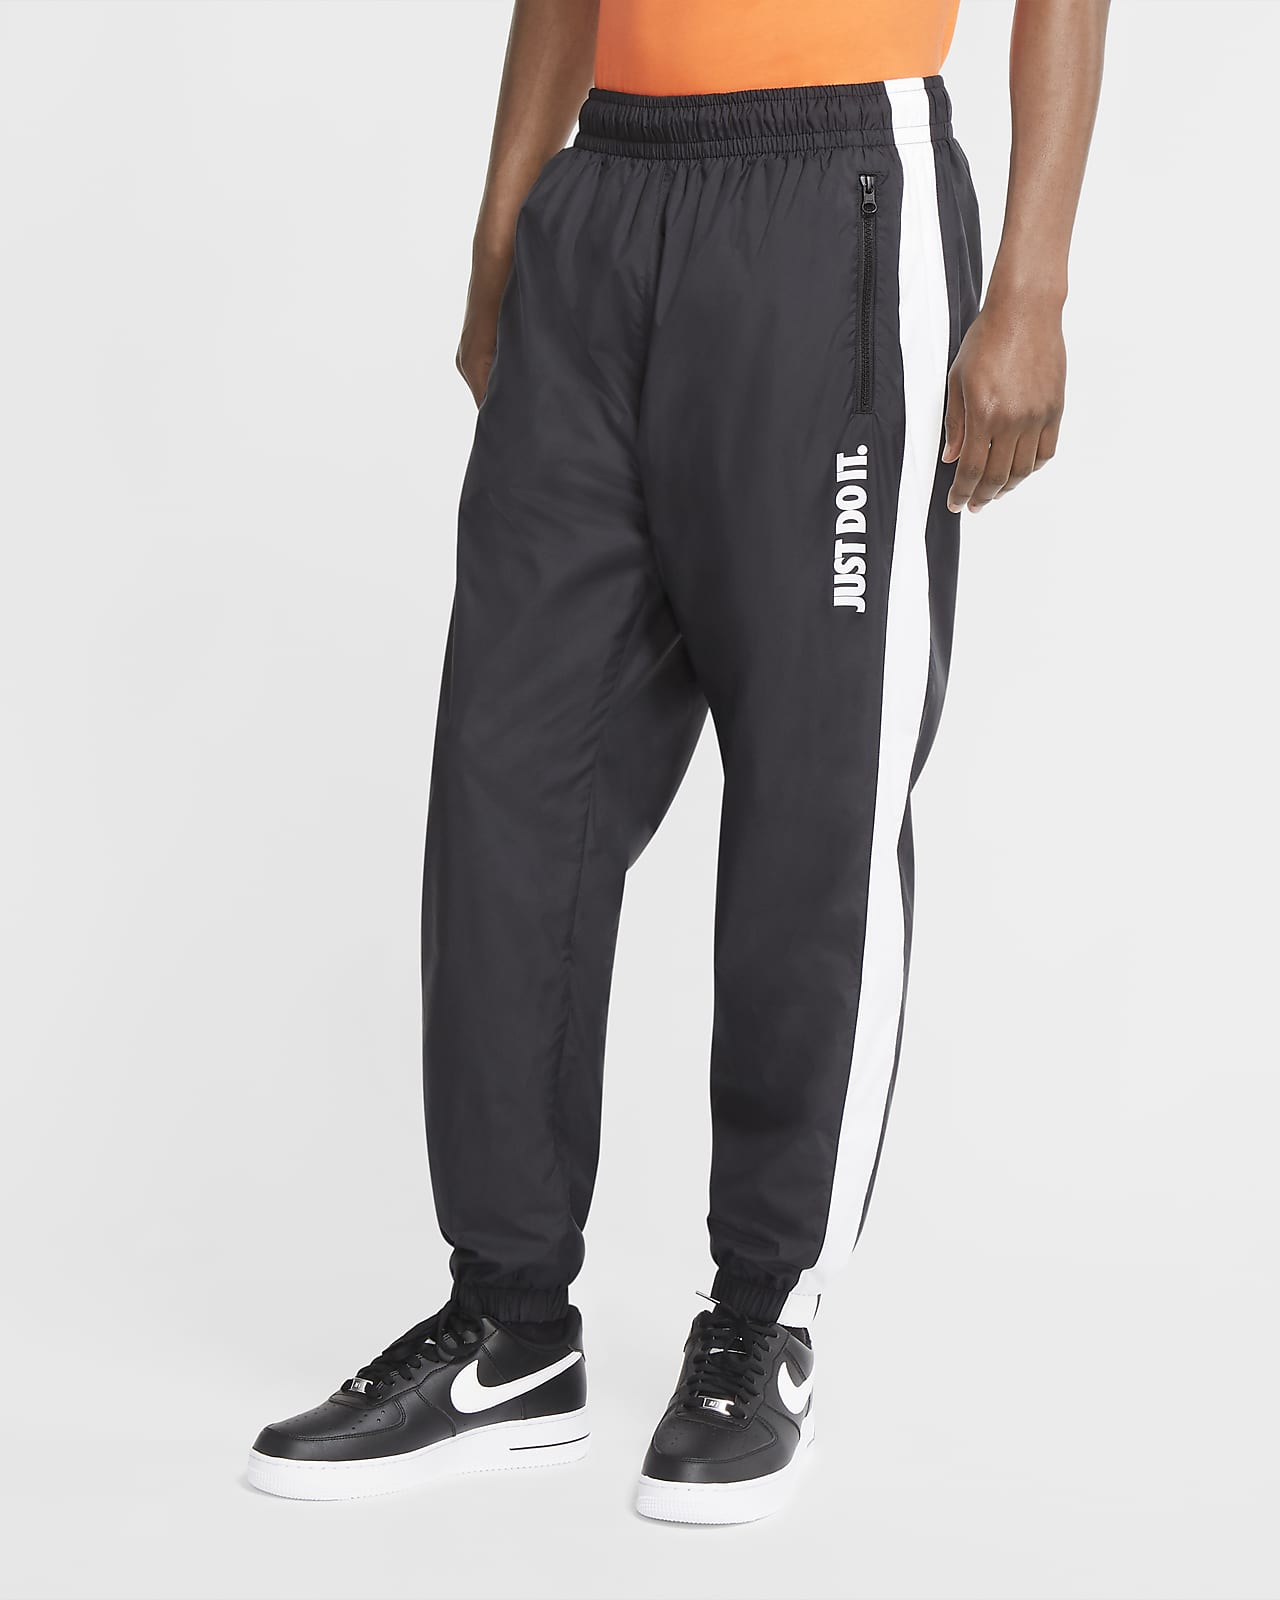 Nike Sportswear JDI Men's Woven Trousers